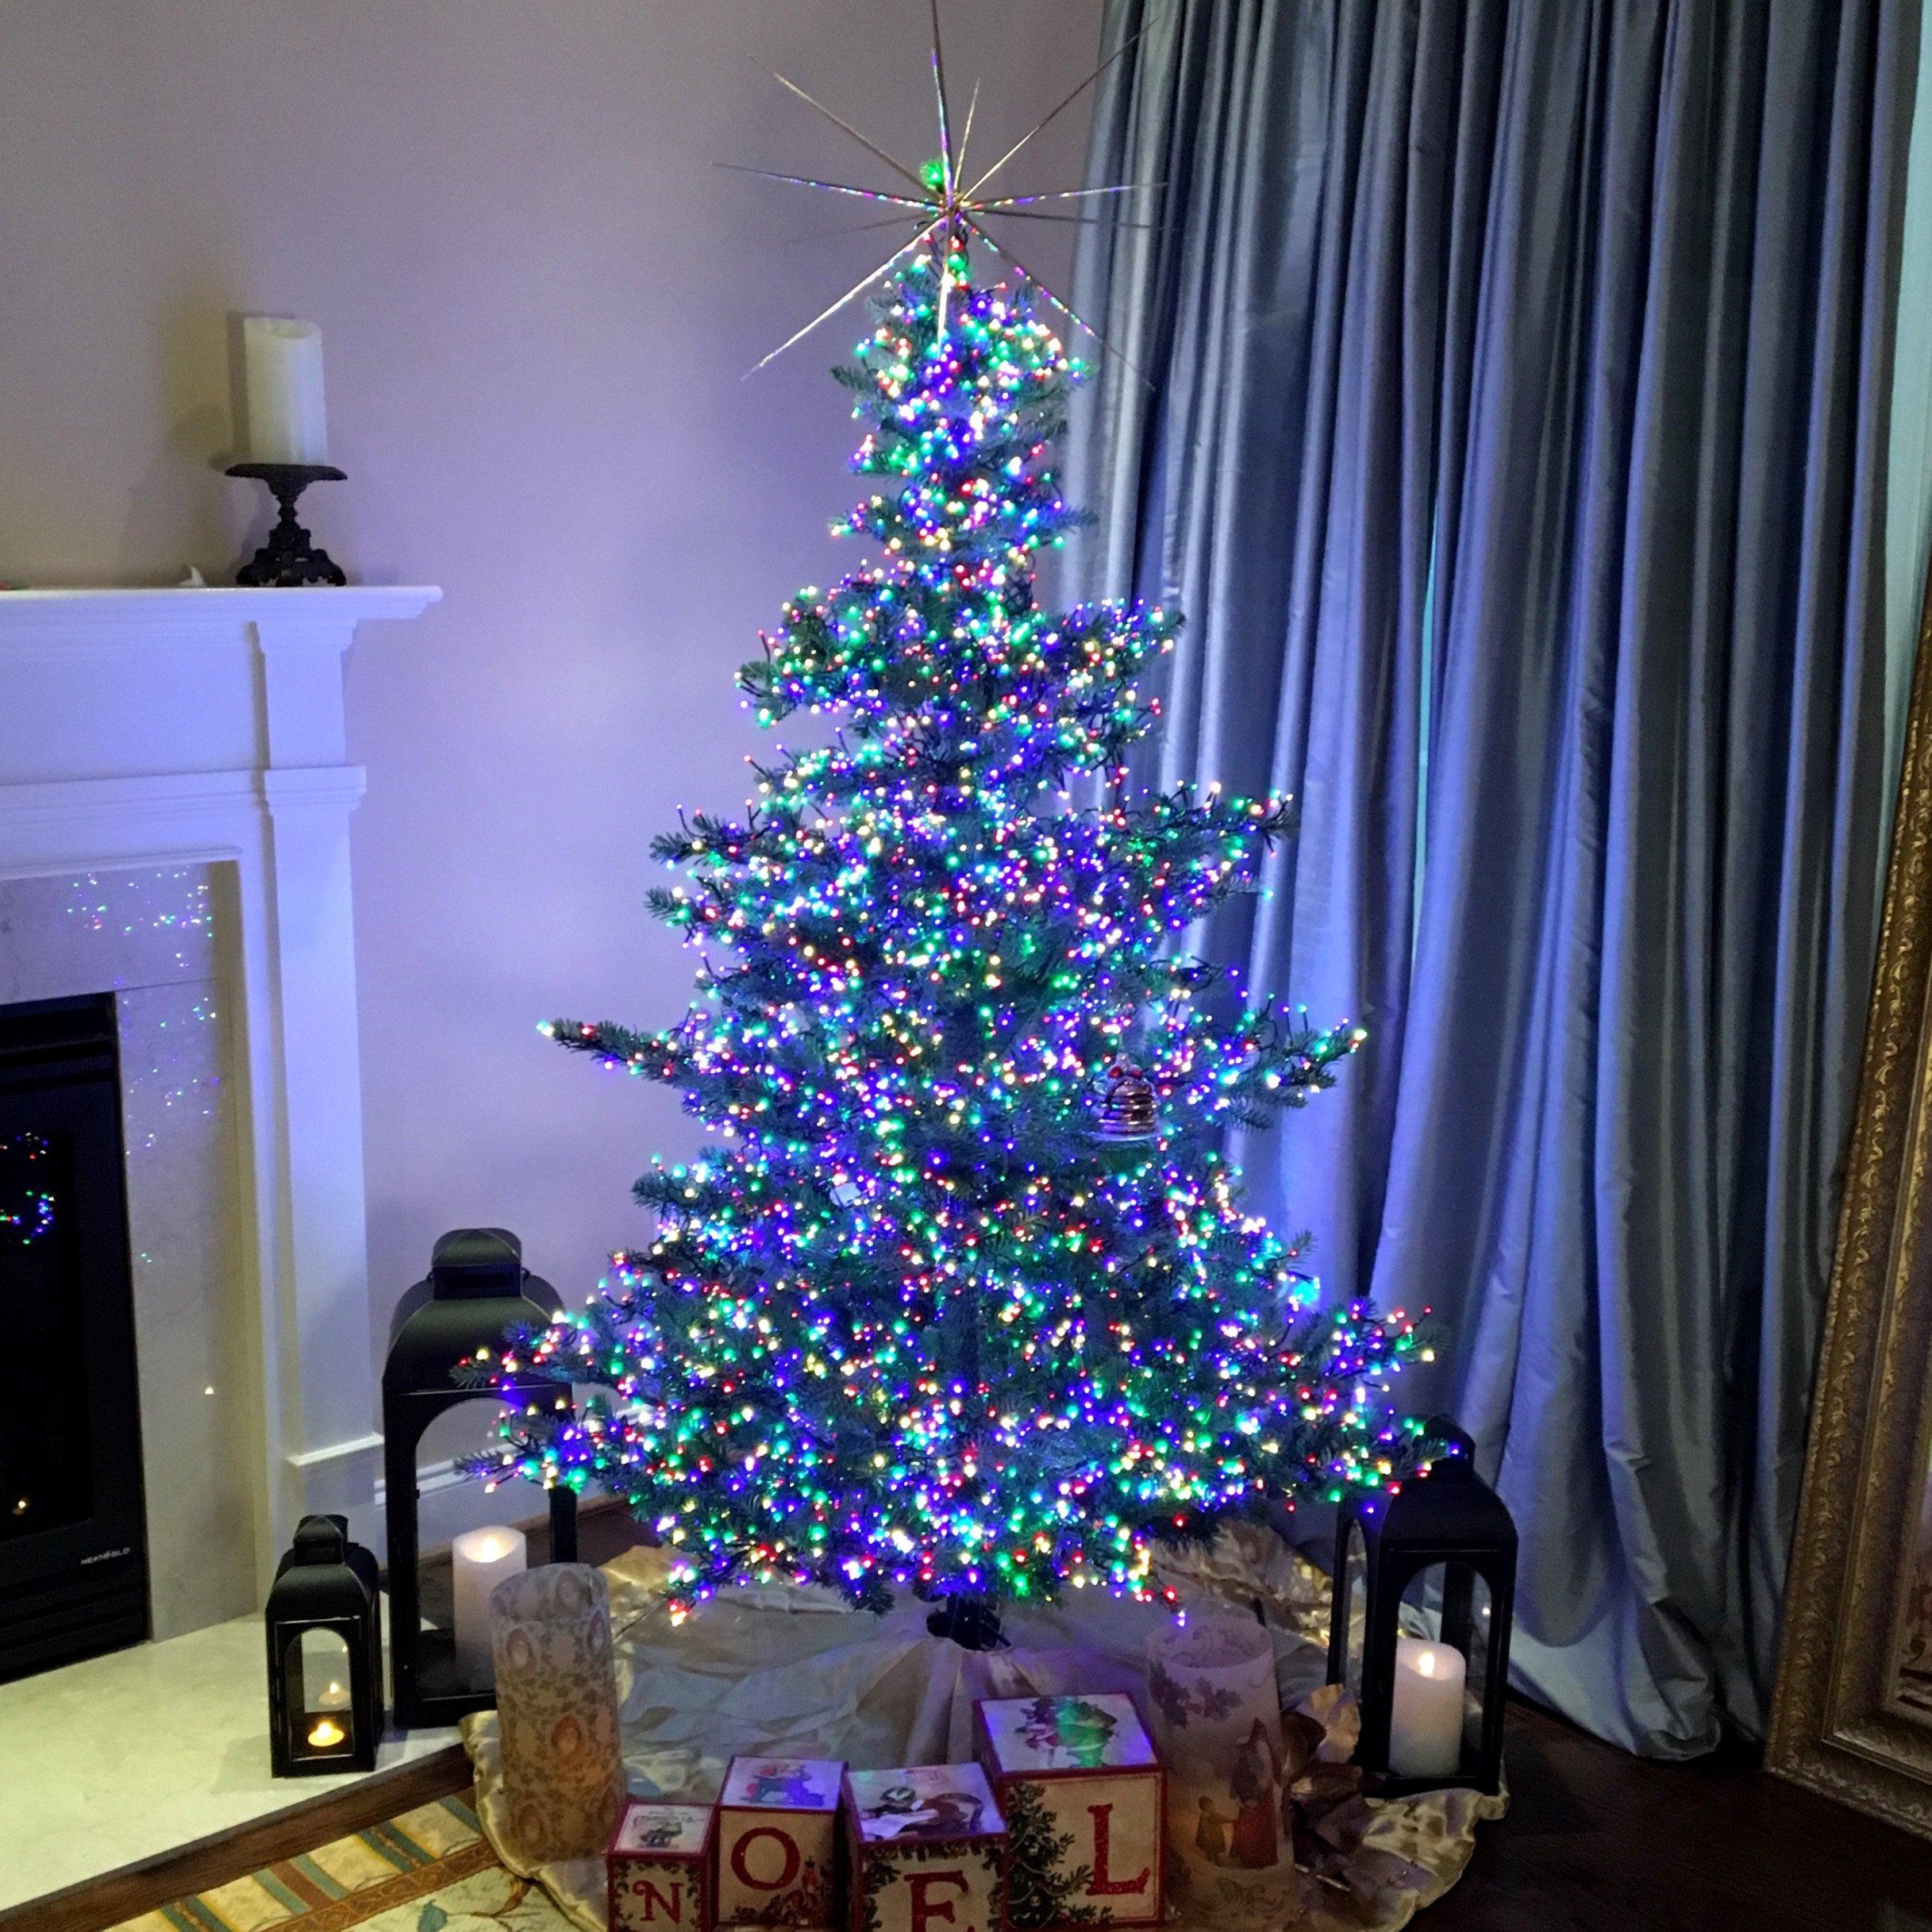 Arbre de Noël avec une décoration en blanc, bleu, vert et violet.